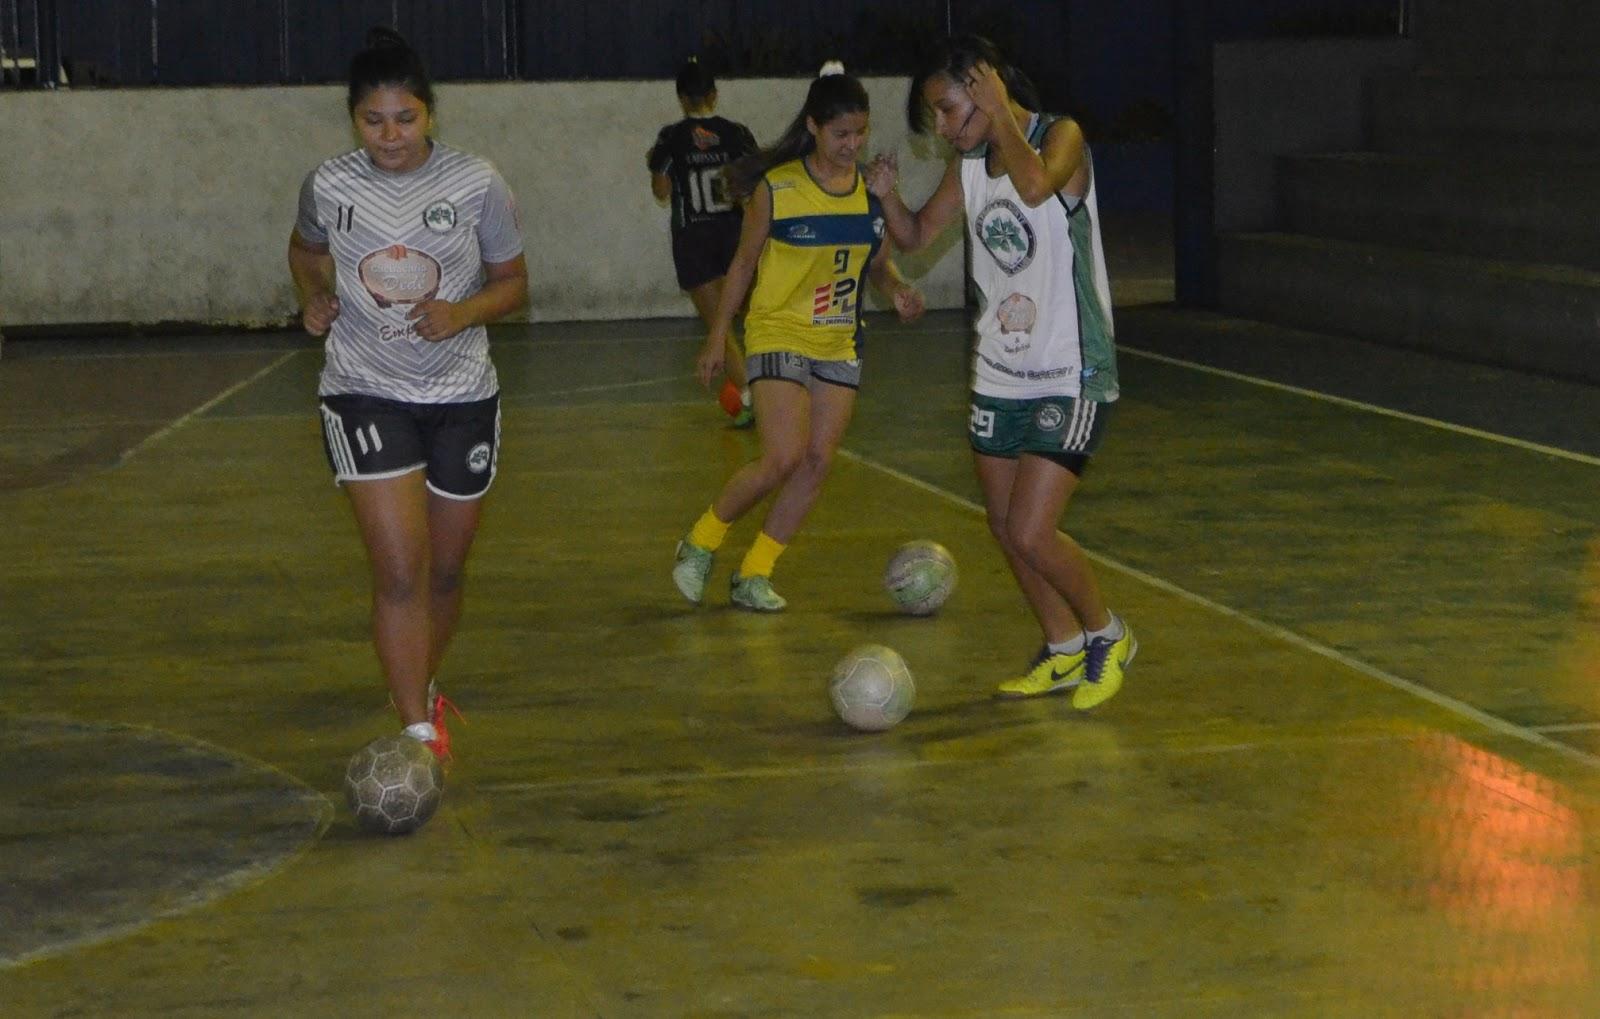 ac46279303 Manaus AM - Com dois troféus acumulados em pouco mais de seis meses